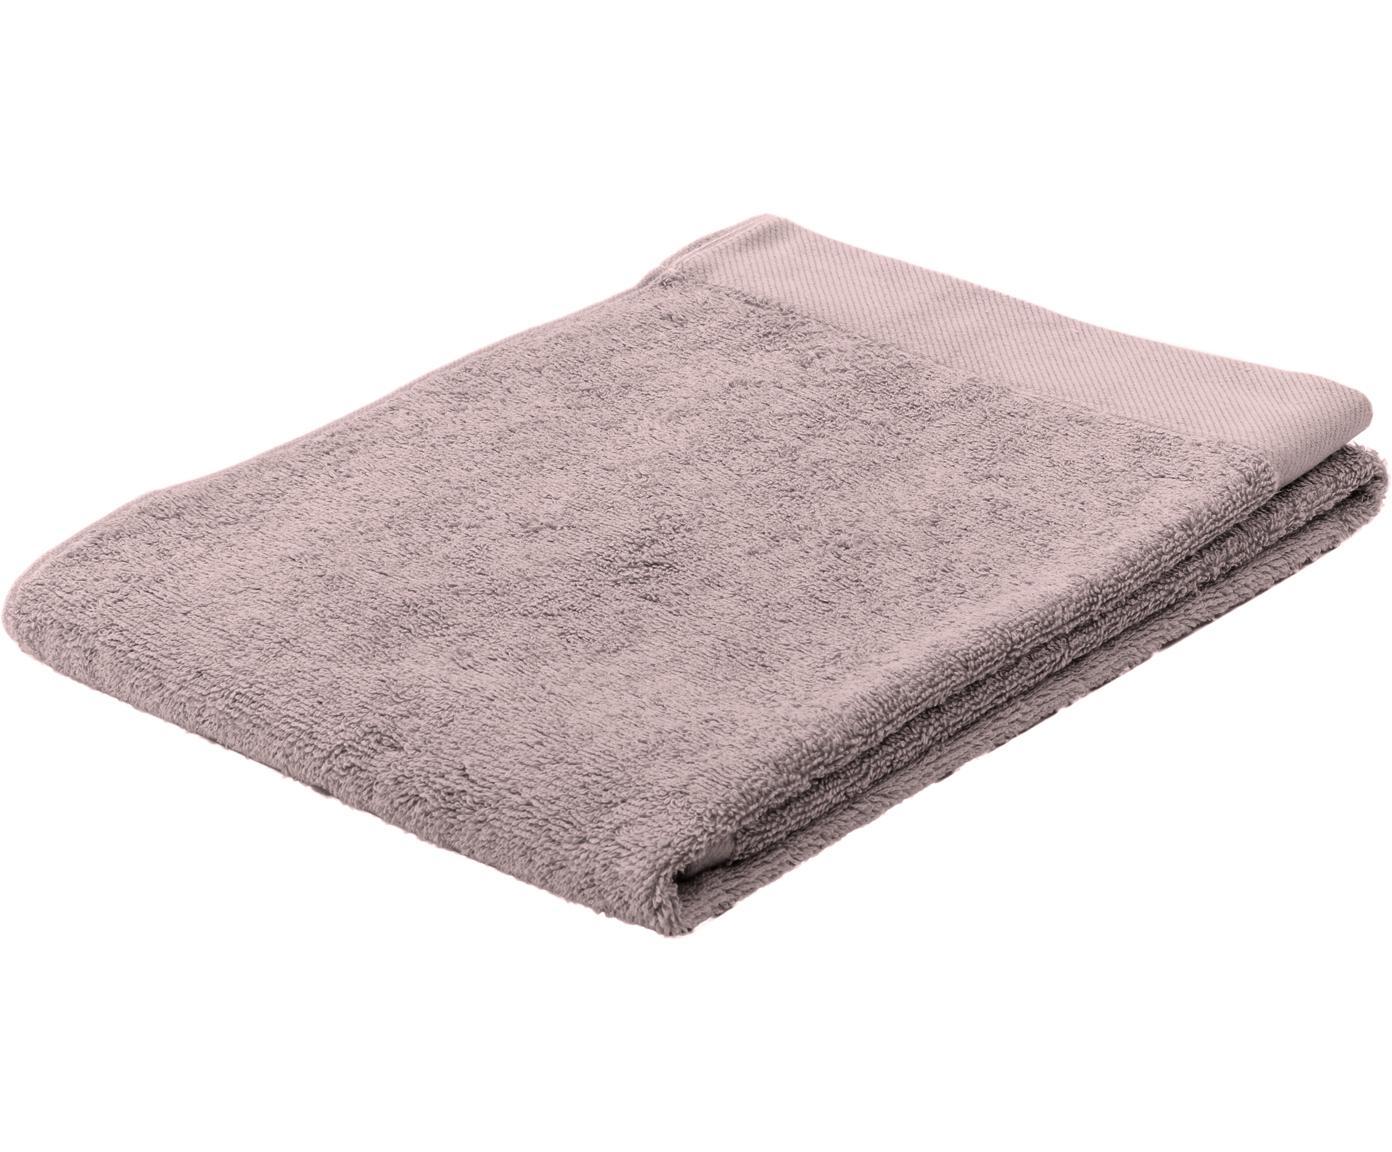 Handtuch Blend aus recyceltem Baumwoll-Mix, Puderrosa, Handtuch